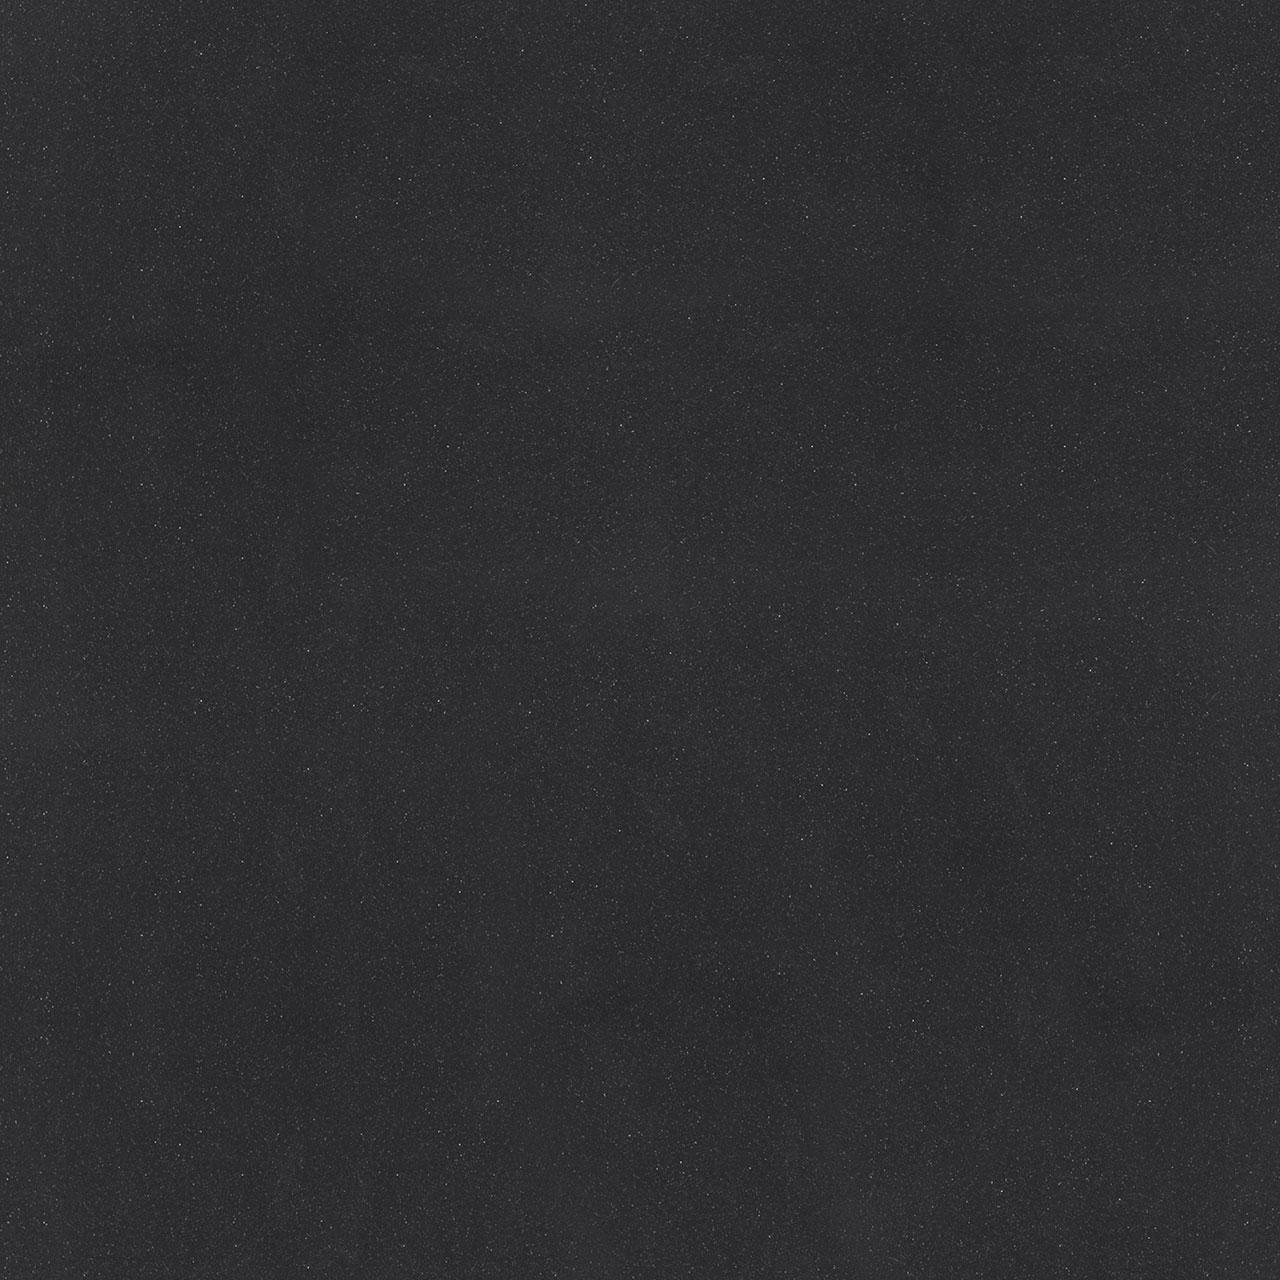 KUMA Grasolit Dark Slate